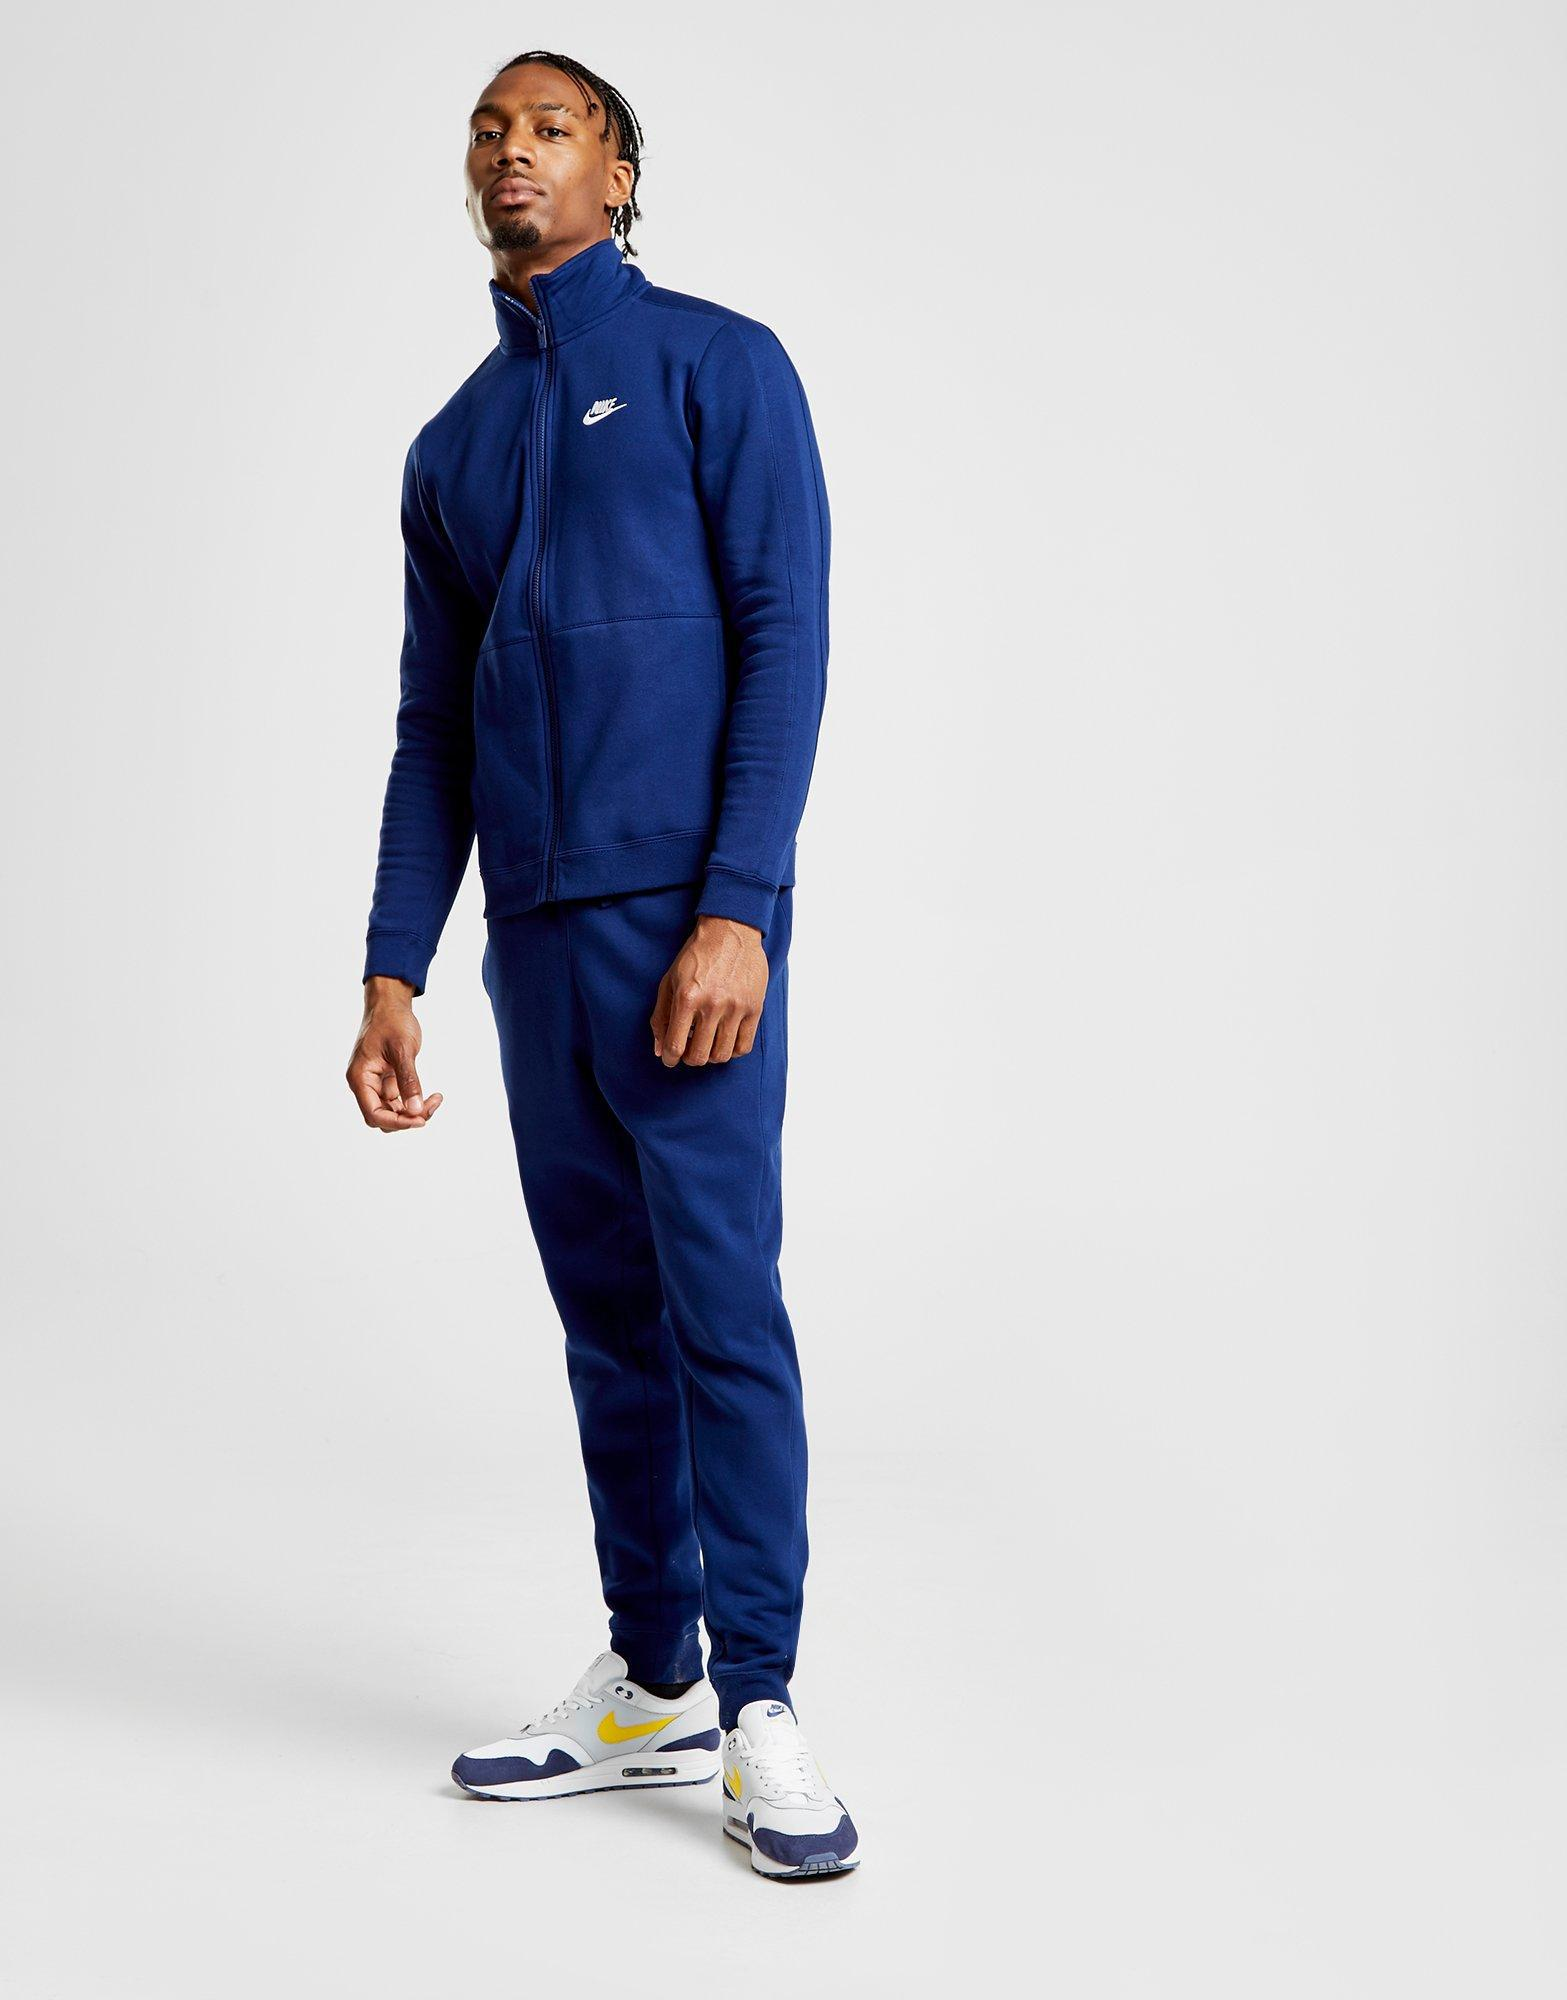 dbca693551d6 Nike League Fleece Tracksuit in Blue for Men - Lyst